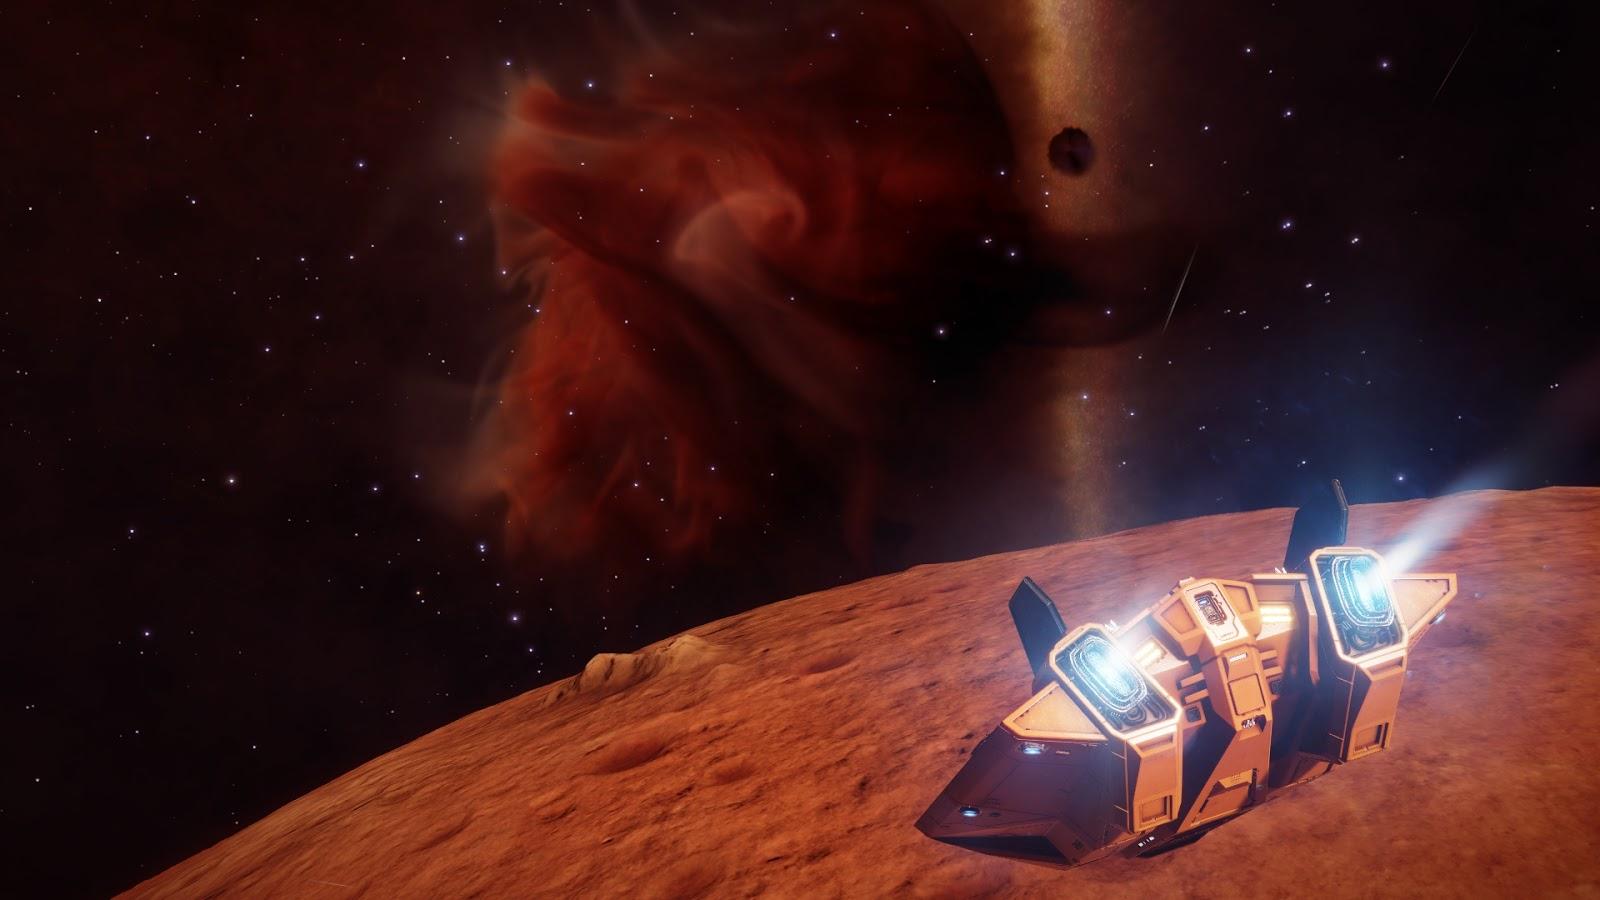 Narancssárga űrhajó ereszkedik egy Mars-szerű bolygó felszíne felé, a háttérben a Cat's Paw Nebula.